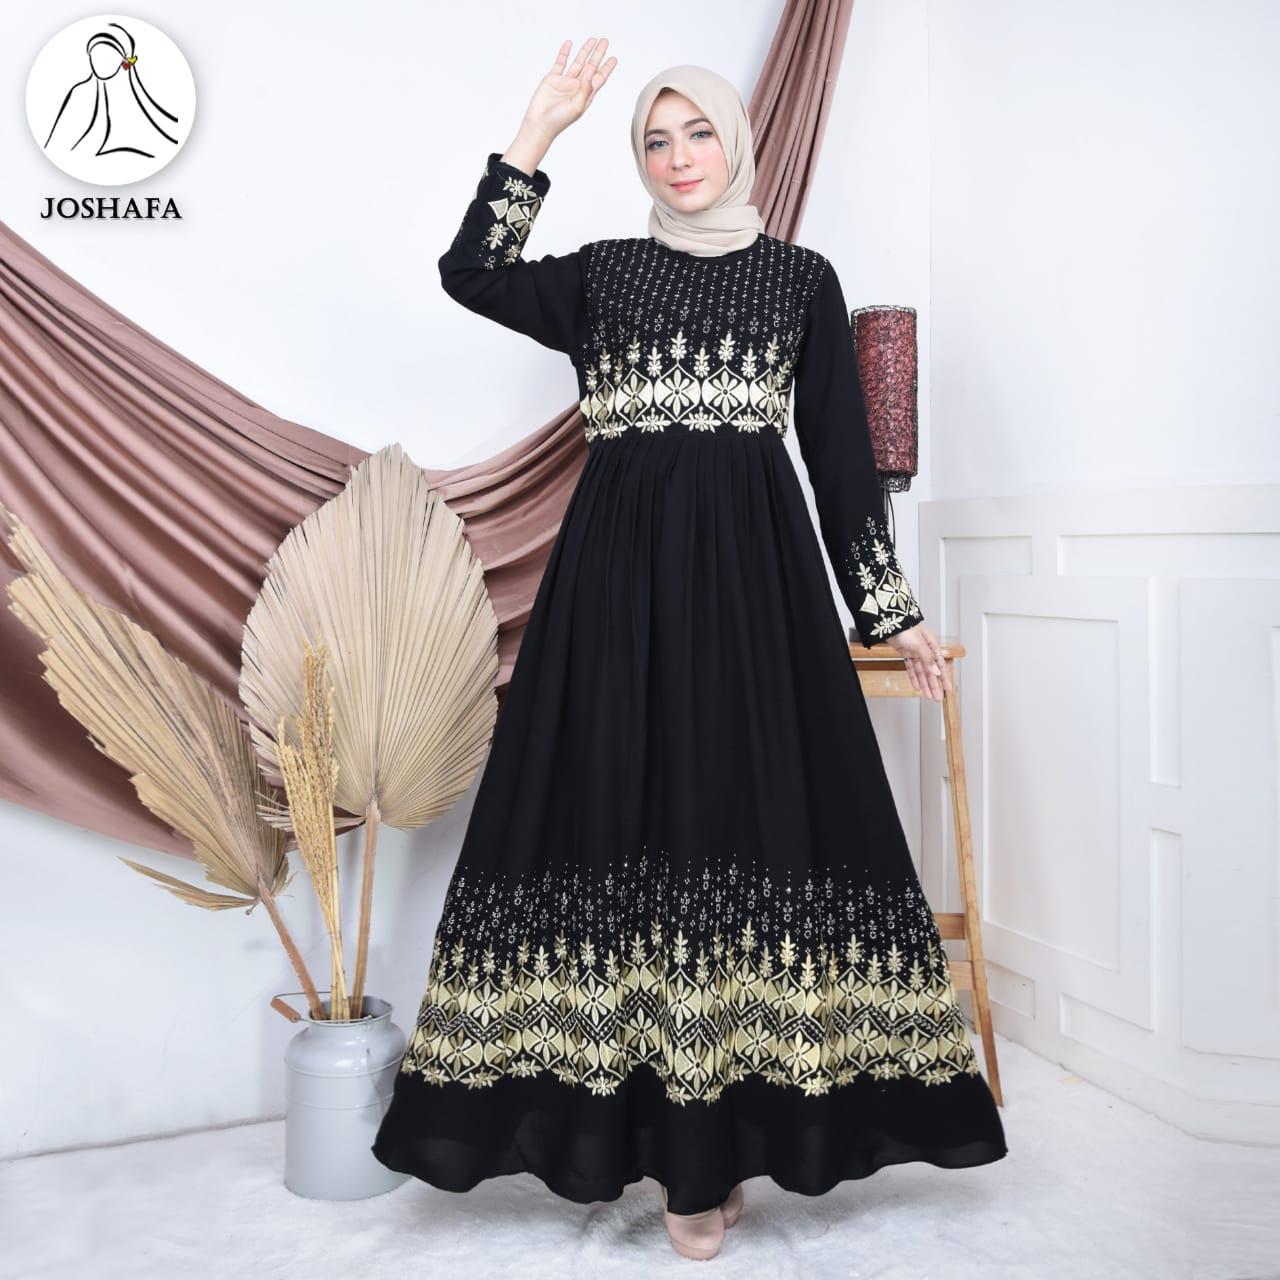 Gamis Abaya Payung Gamis Abaya Pakistan Gamis Hitam Gamis Bordir Gamis Arab Gamis Turki Revdha Lazada Indonesia